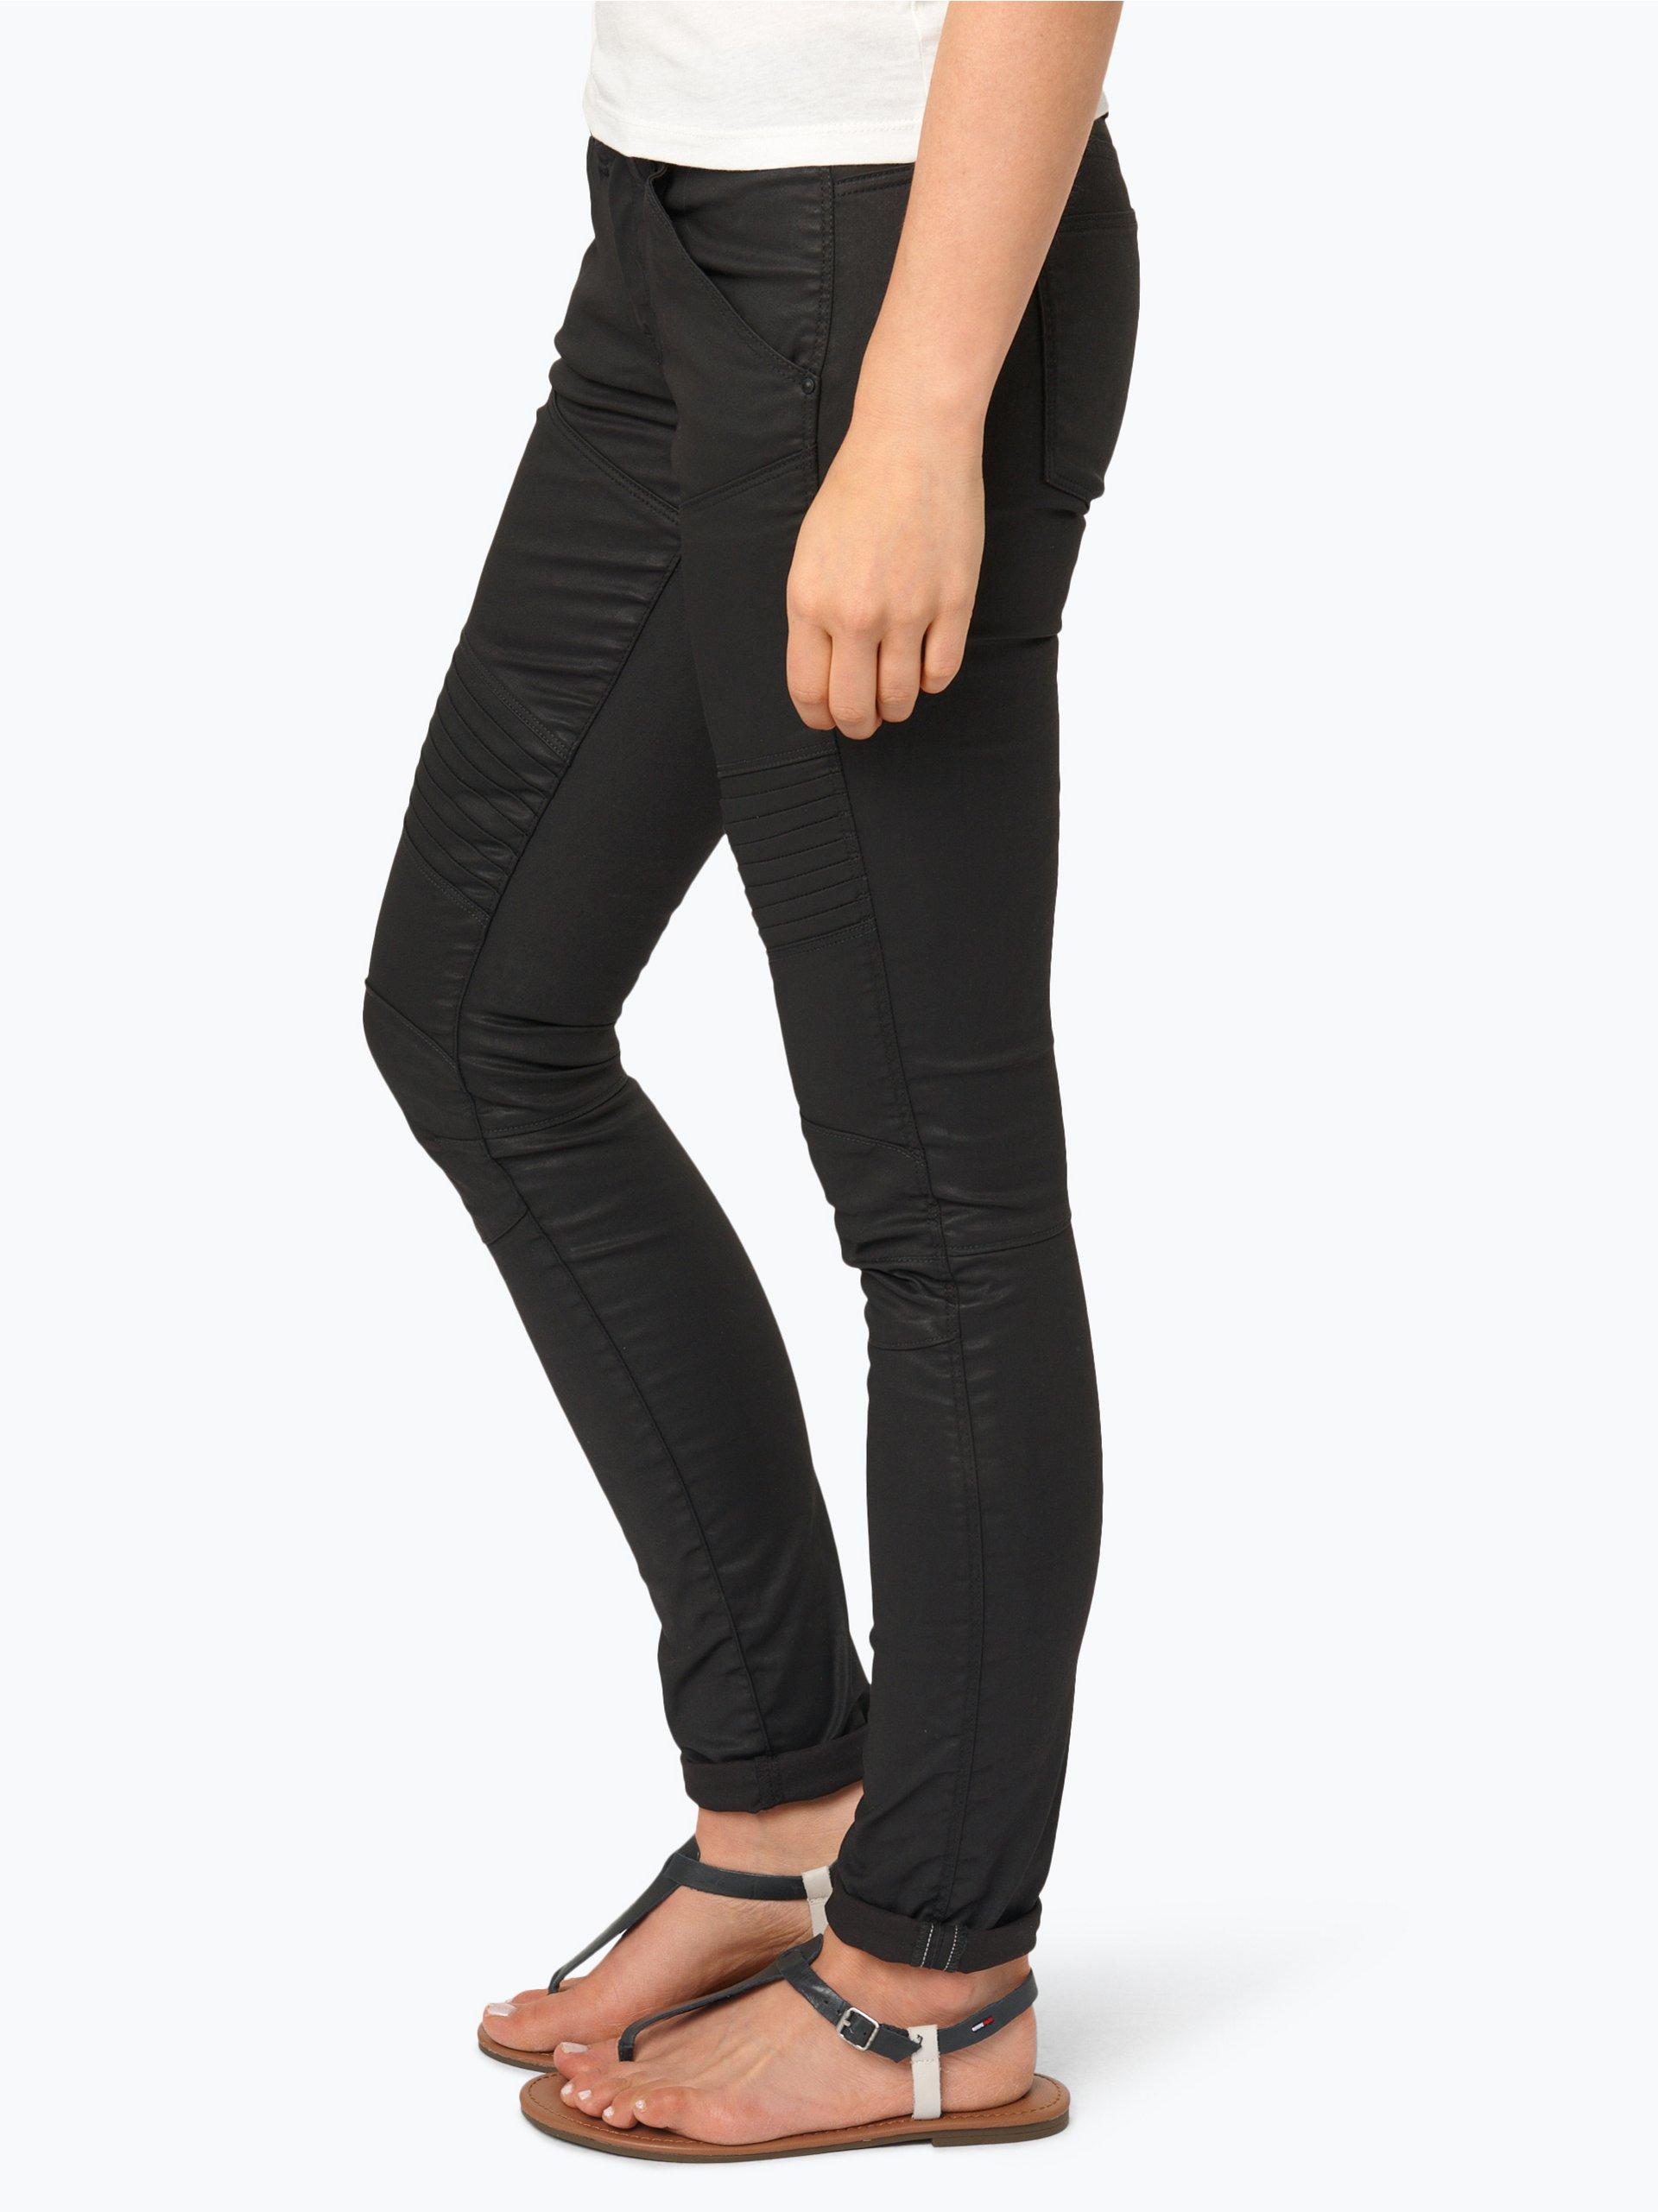 G-Star Damen Jeans - 5620 Elwood Custom